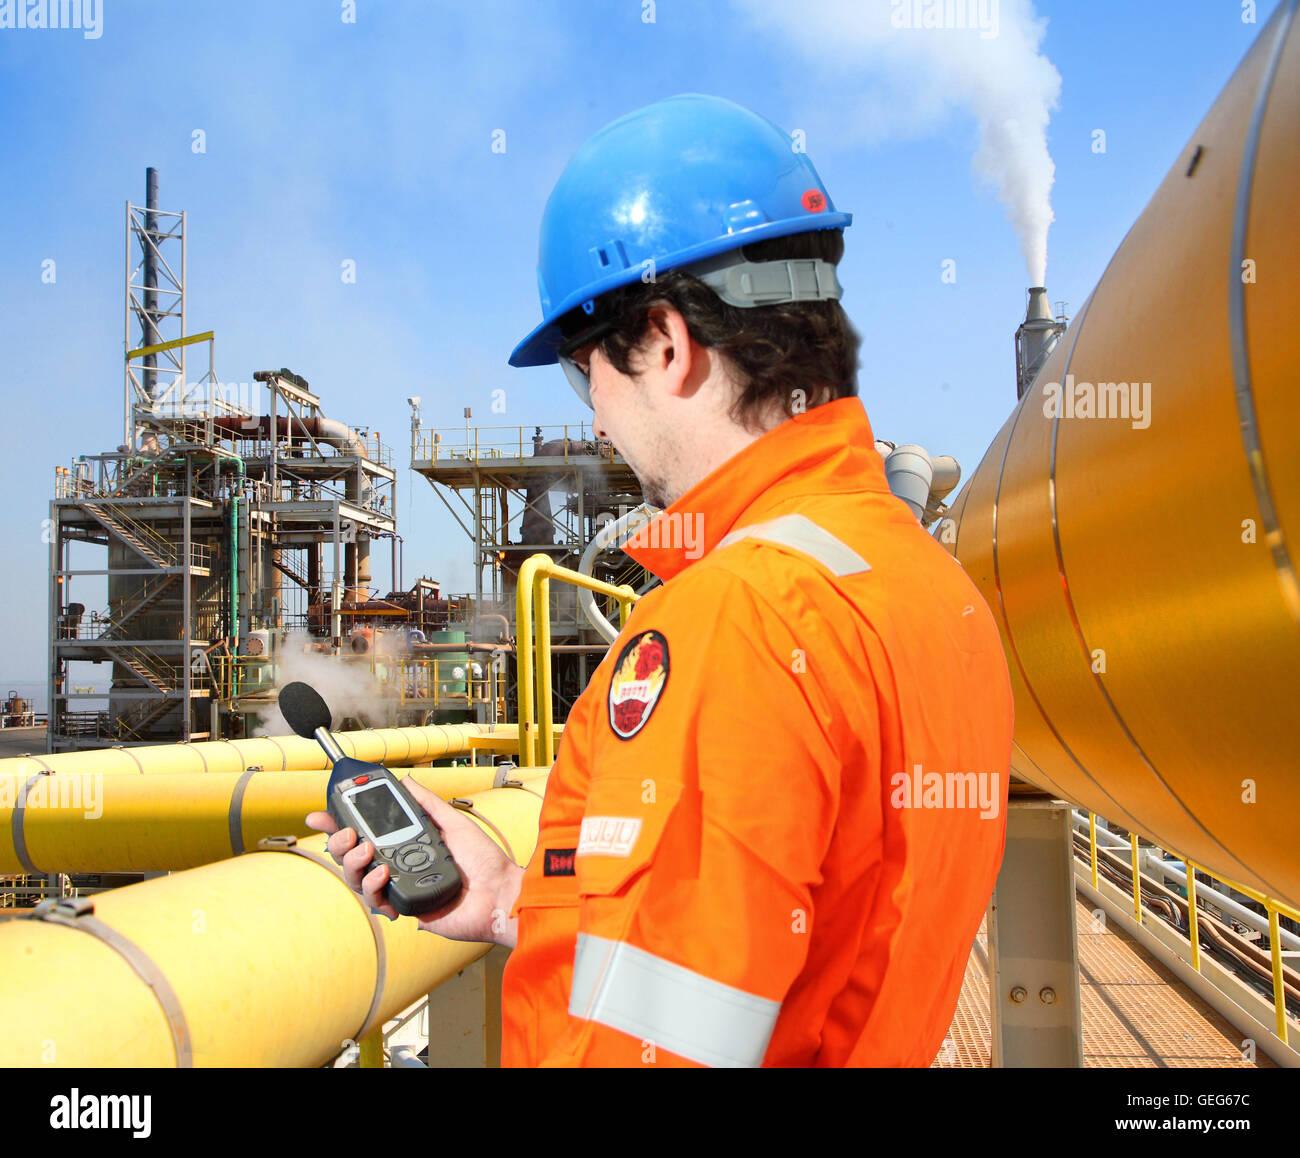 Un ingénieur de l'environnement surveille les niveaux de bruit à une usine de traitement chimique Photo Stock